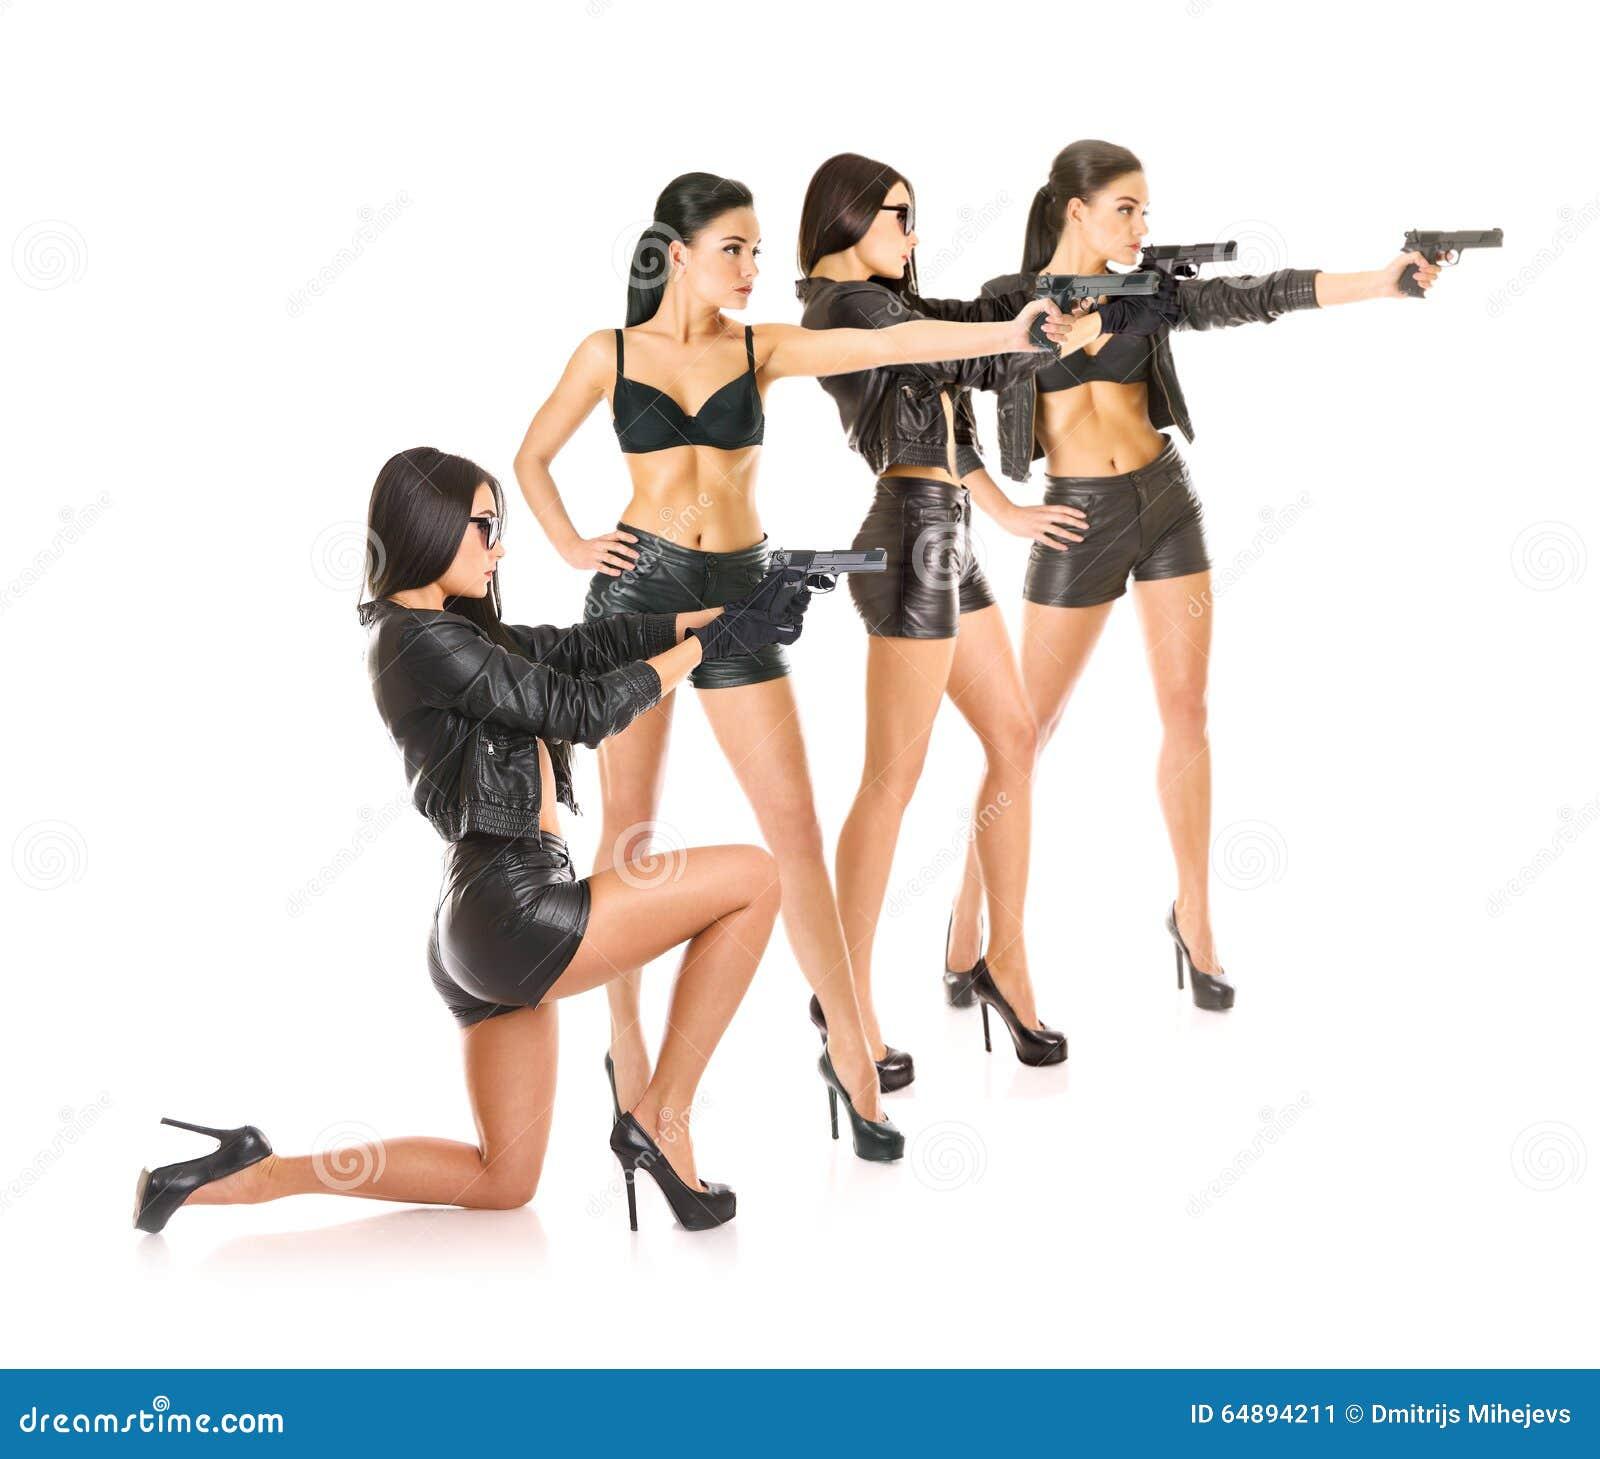 Spy girls Nude Photos 63